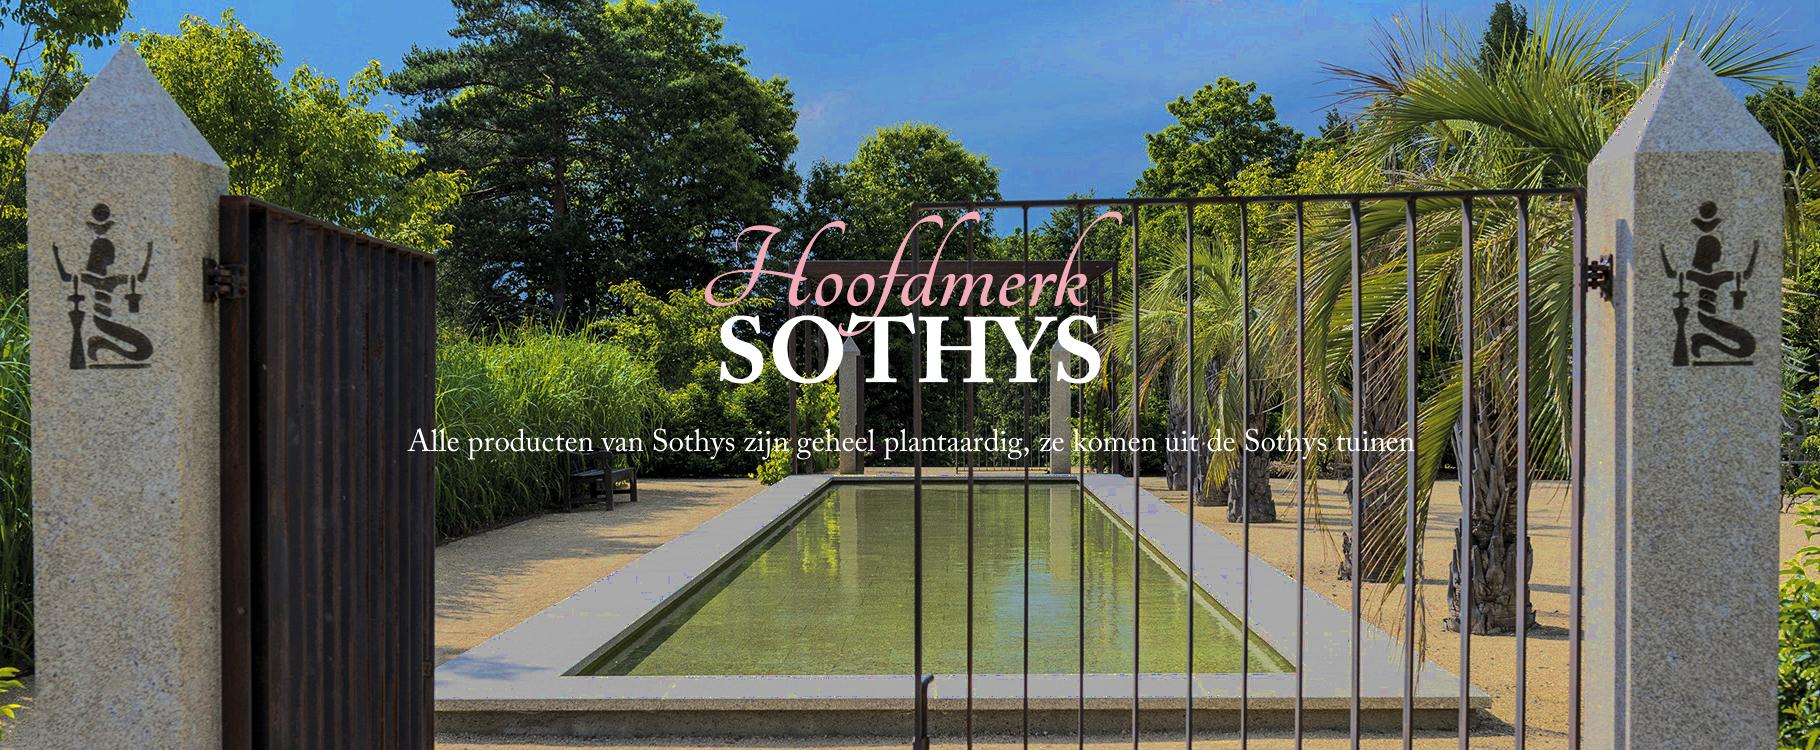 Welkom in de wereld van Sothys